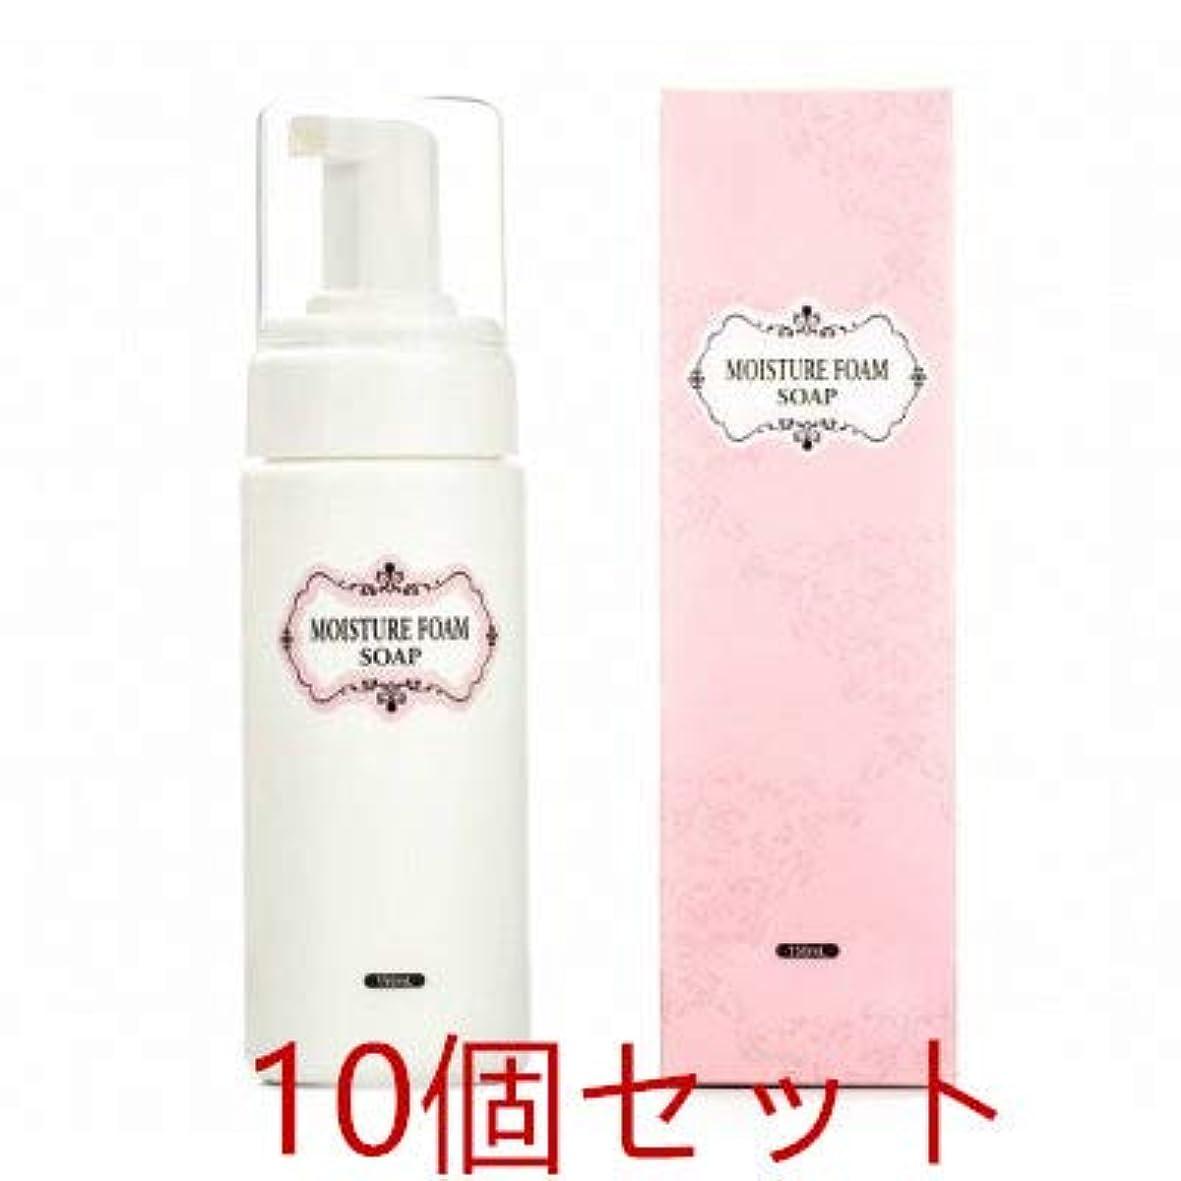 大きい報復知覚できるMOISTURE FOAM SOAP(モイスチャーフォームソープ) 150ml10個セット